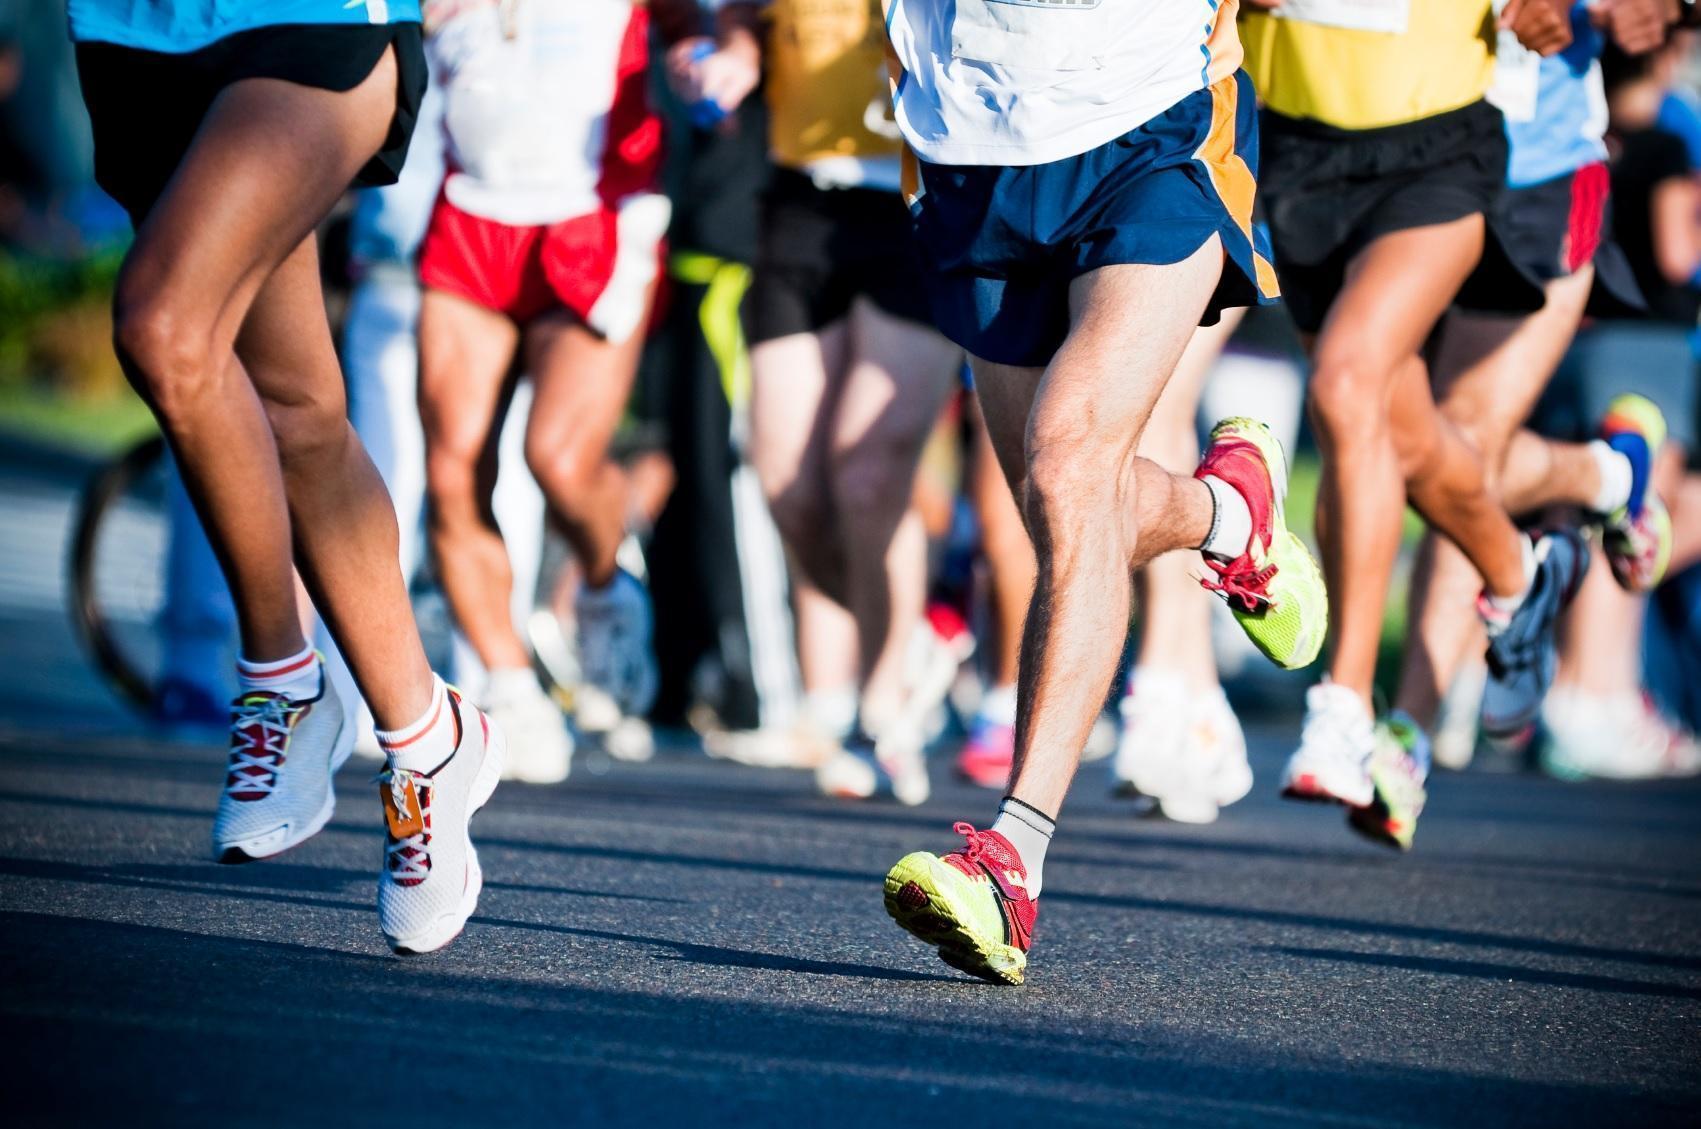 Viver mais e Melhor – Befícios do exercício físico, Correr nos Ajuda a Viver mais e Melhor